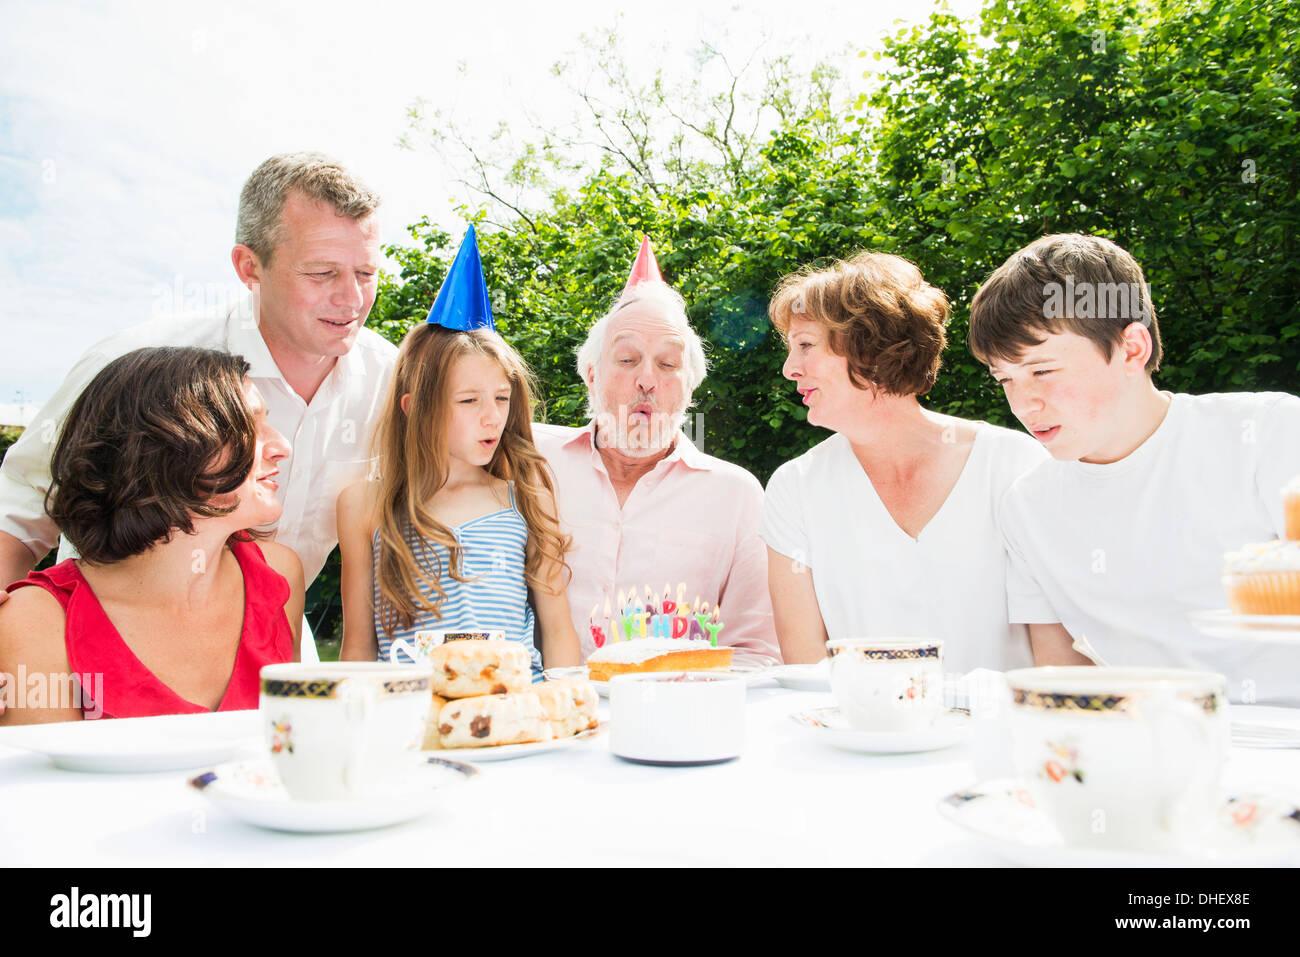 Célébrer l'anniversaire de grand-père de famille Photo Stock